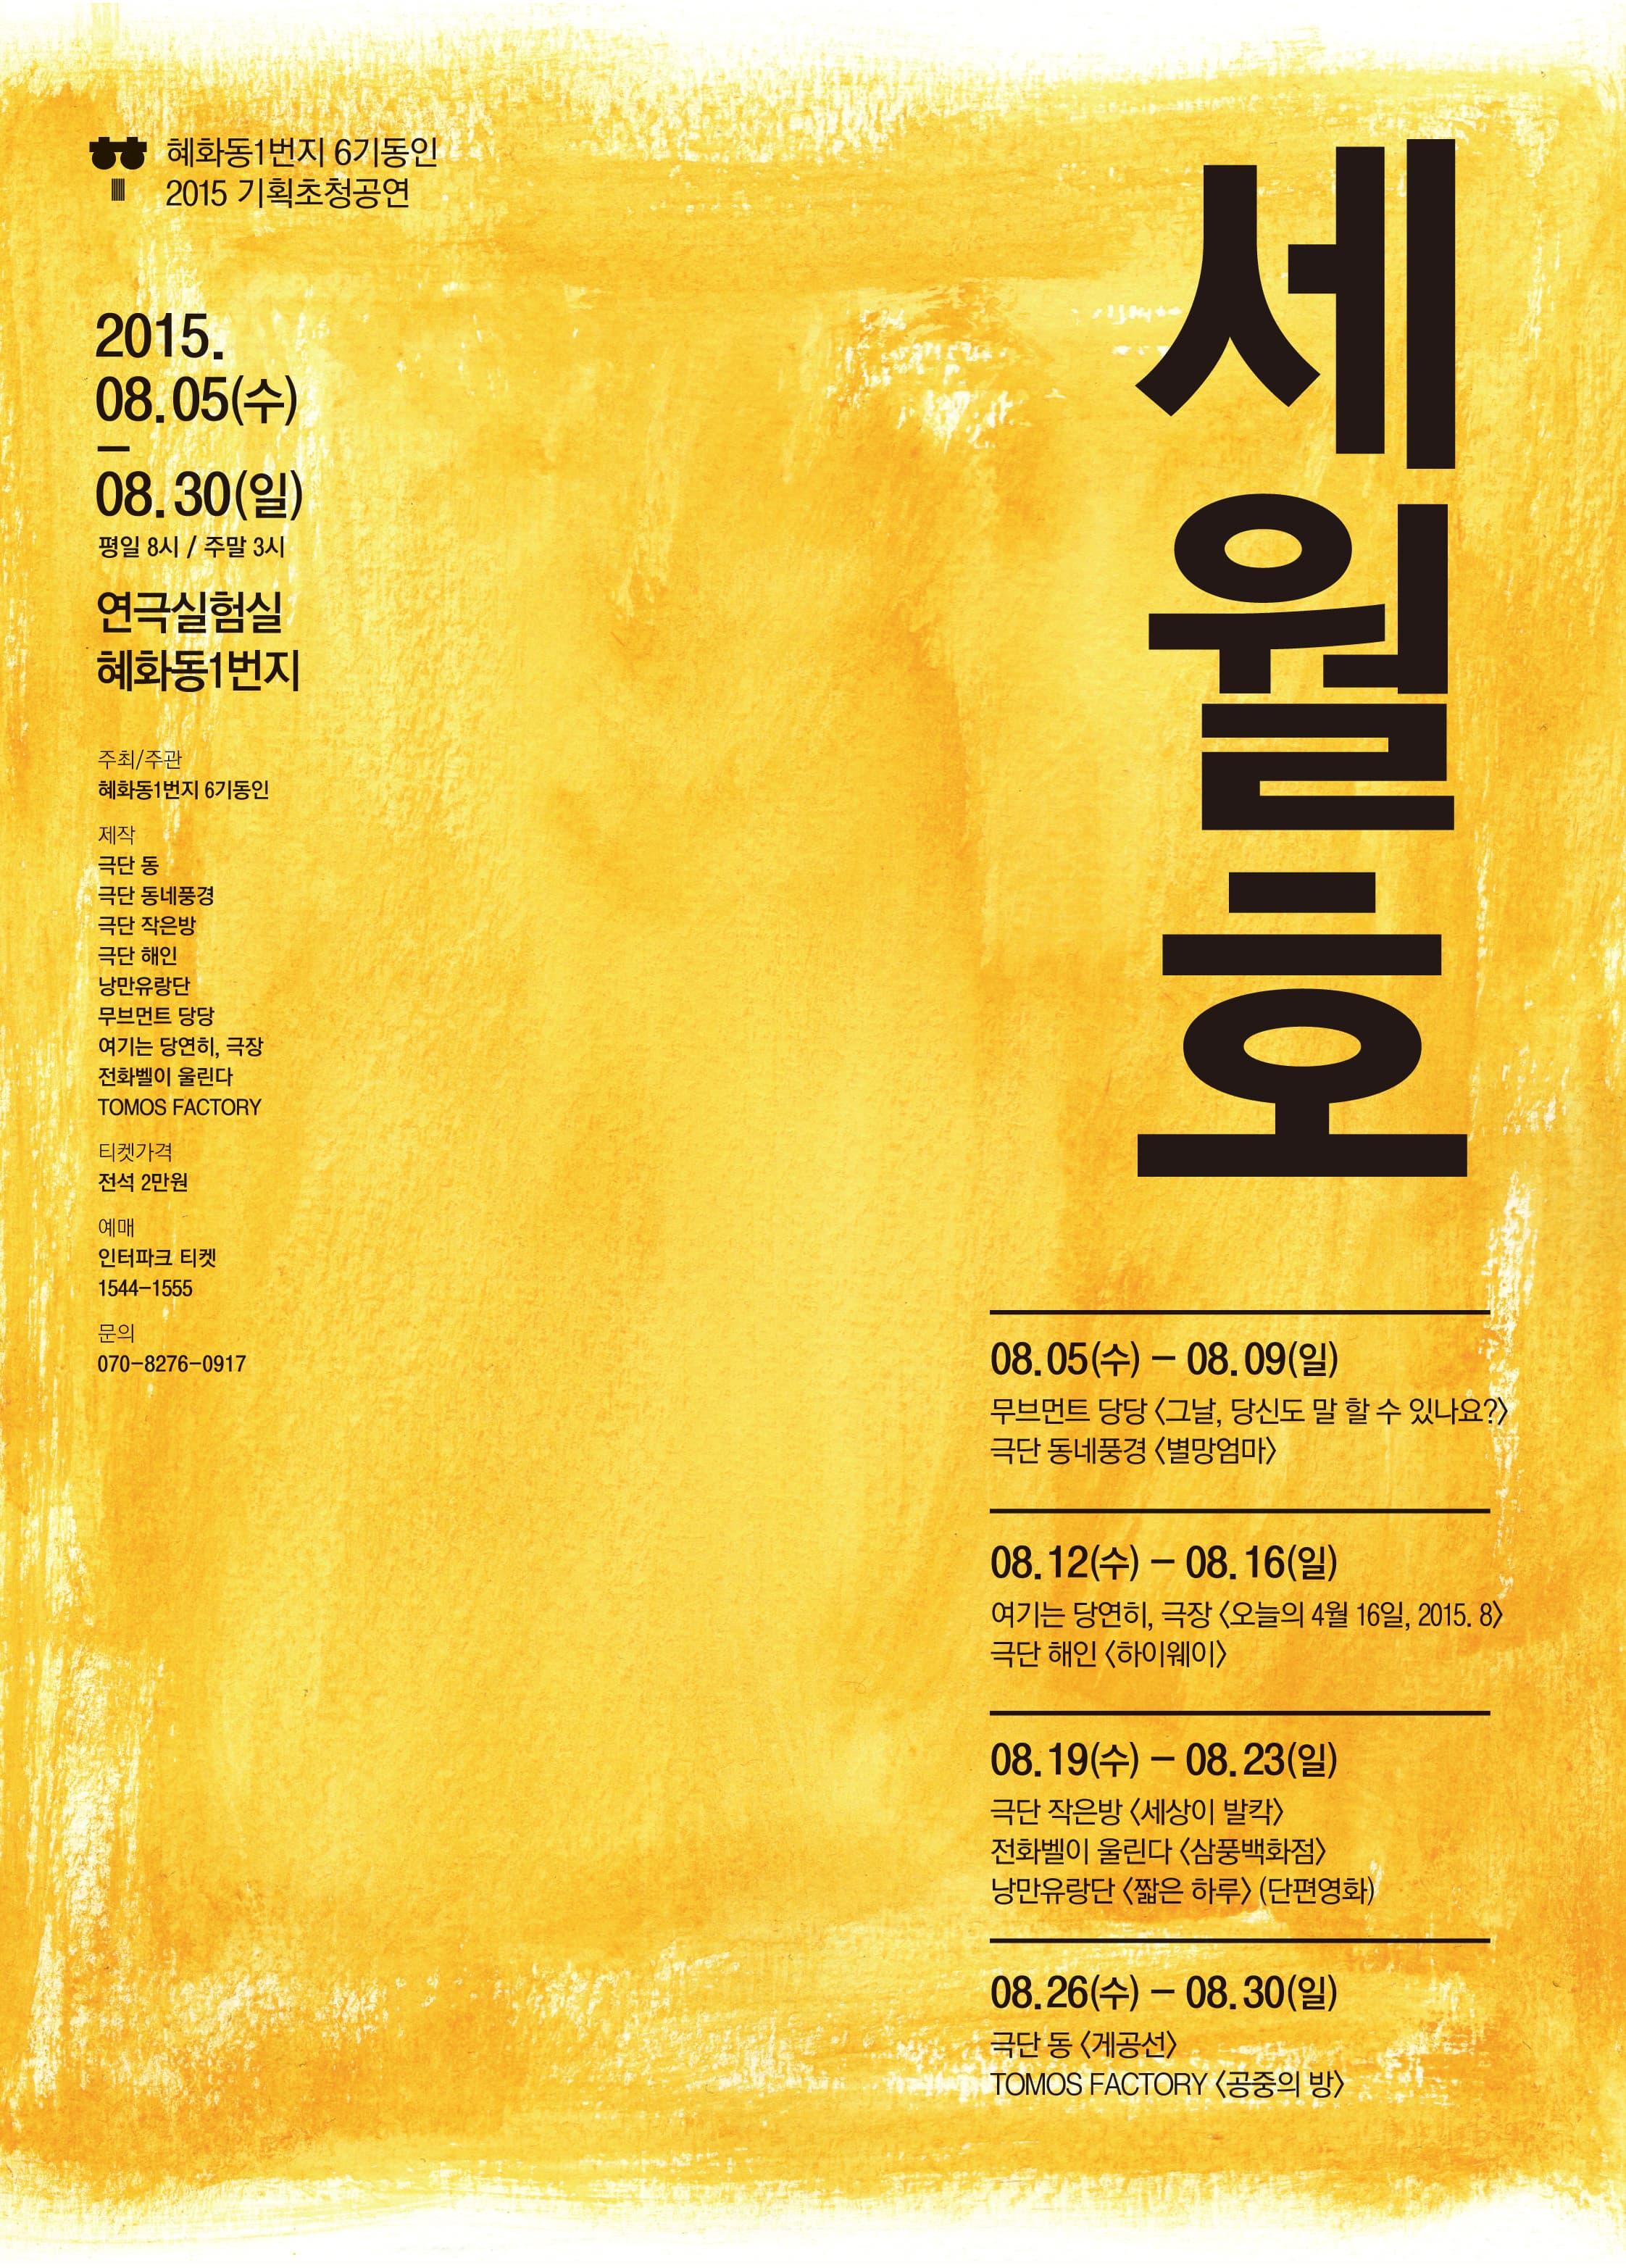 [세월호] 혜화동1번지 6기동인 2015 기획초청공연